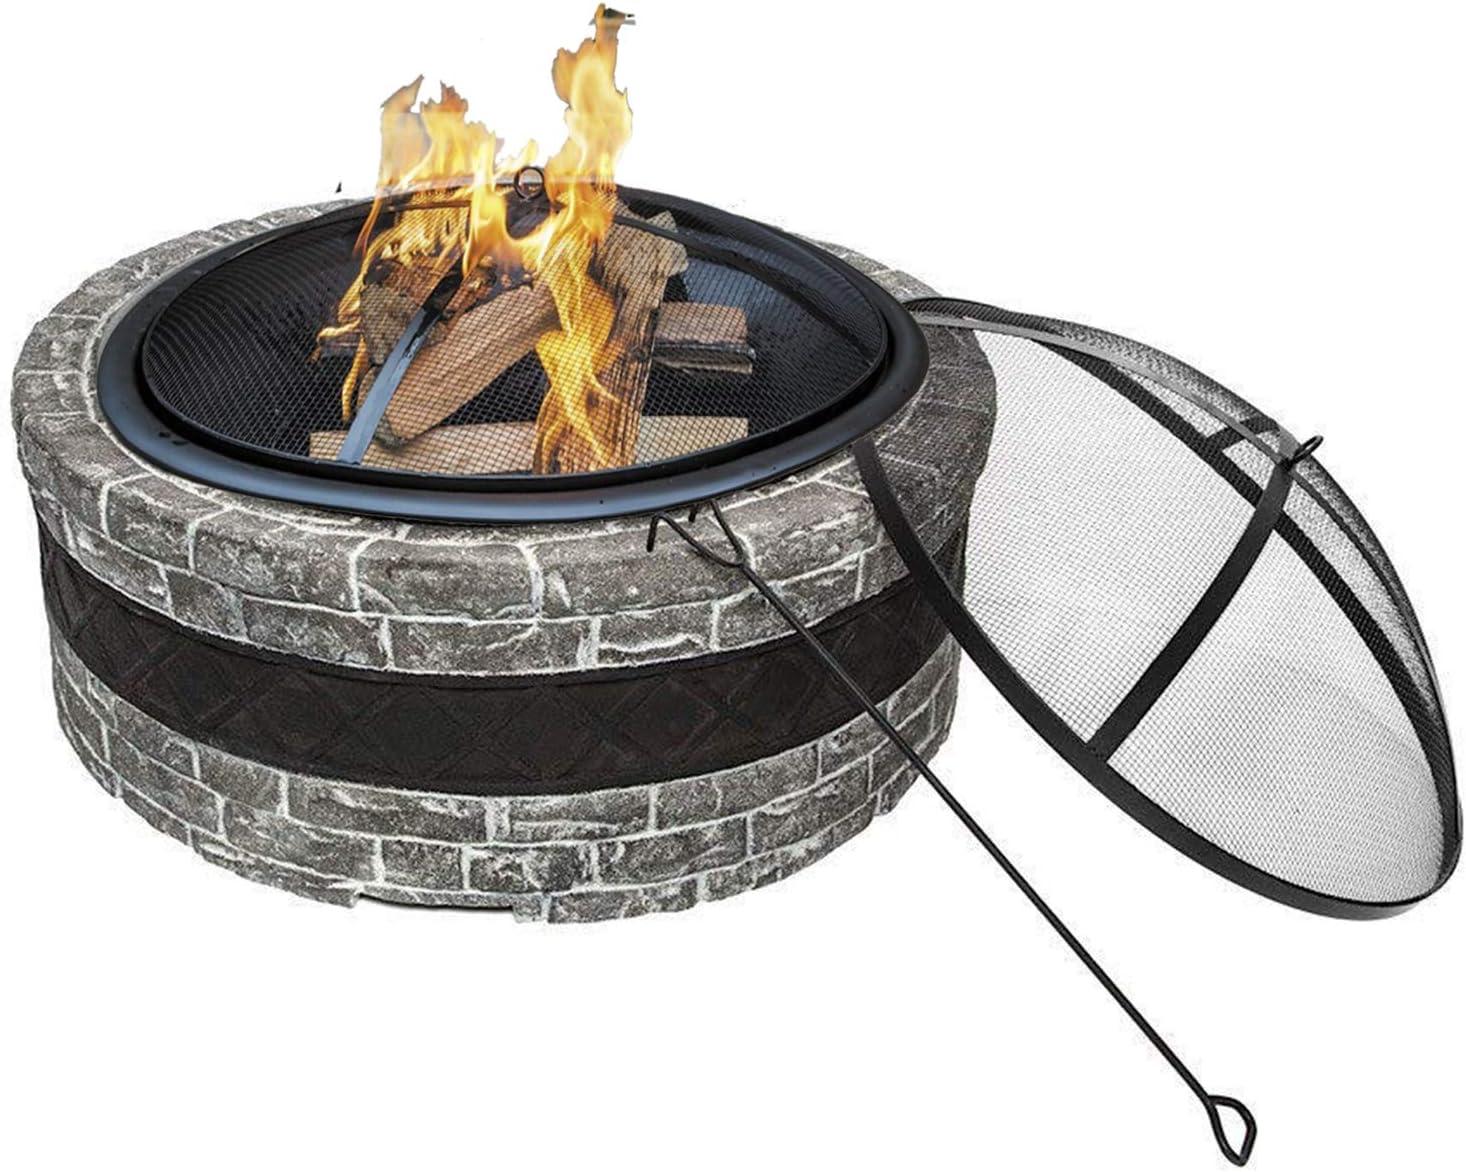 Juego de pozo de fuego al aire libre, Chimenea de jardín Estufa de calefacción de Villa Brasero de calefacción para el hogar Paisaje al aire libre Leña Canasta de fogata Pozo de fuego decorativo